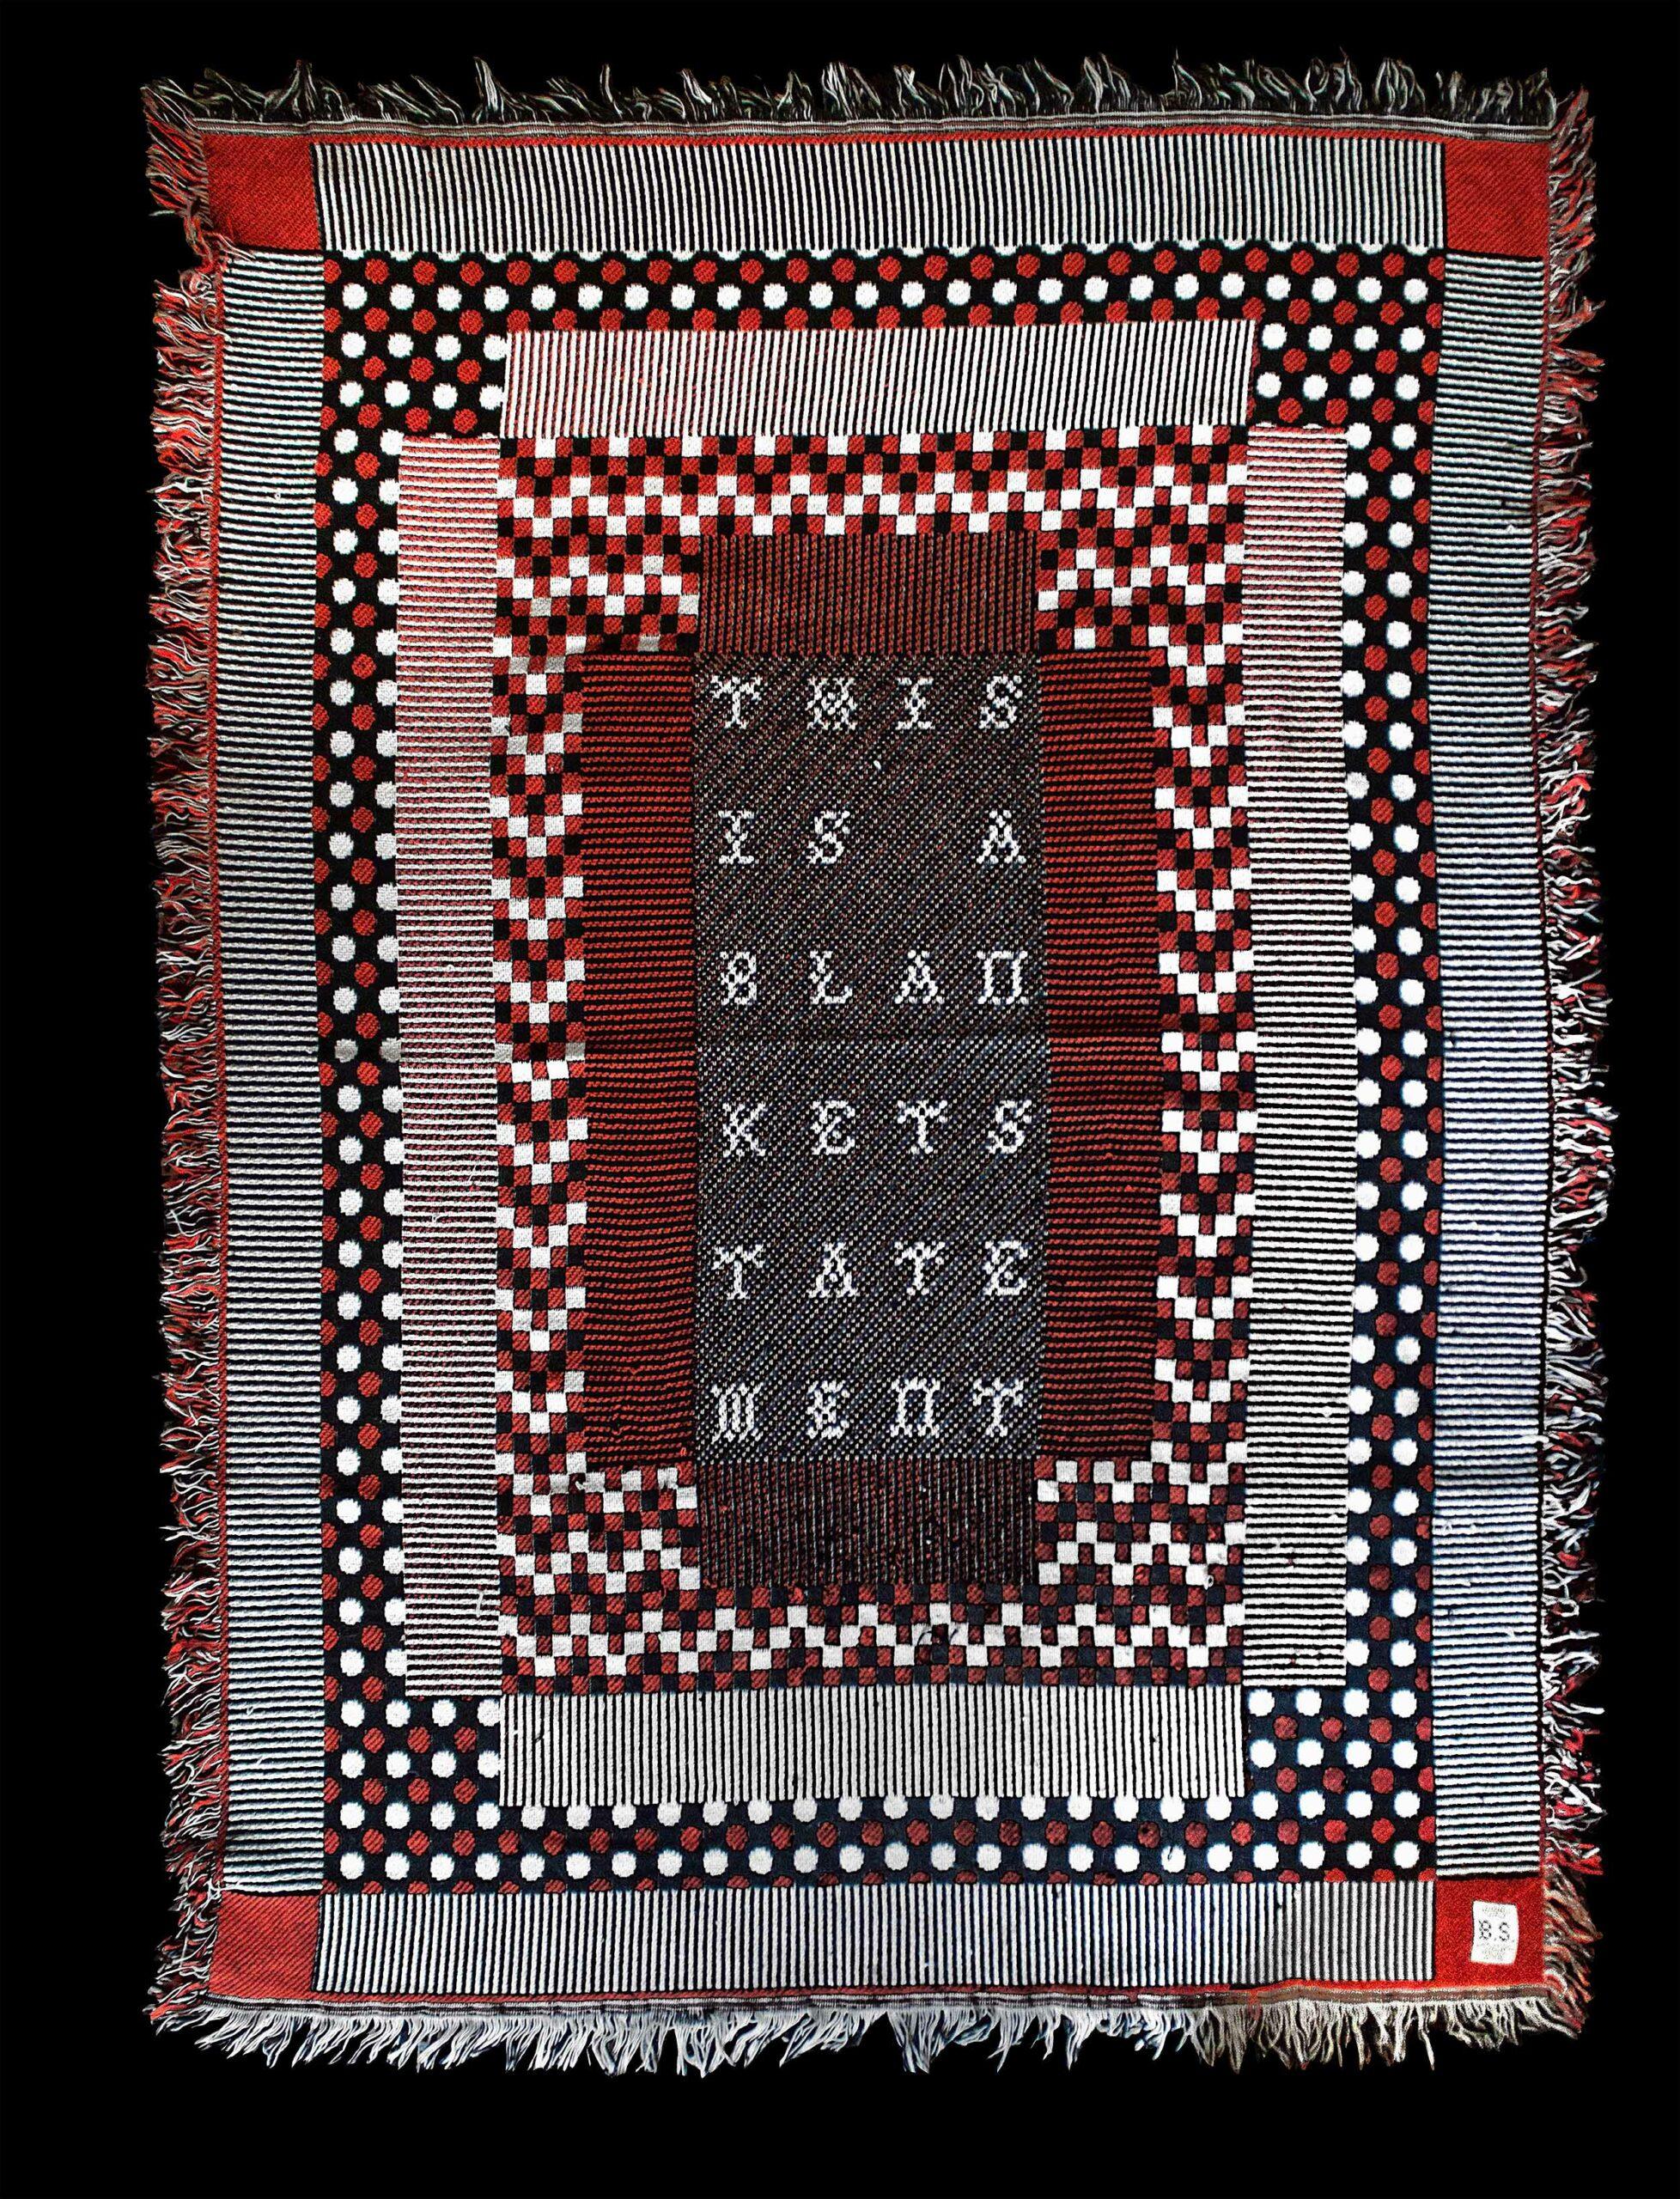 Matthijs van Leeuwen, Matt van Leeuwen, Blanket Statement, Mother Design, Samantha Kim, New York, This Is A Blanket Statement